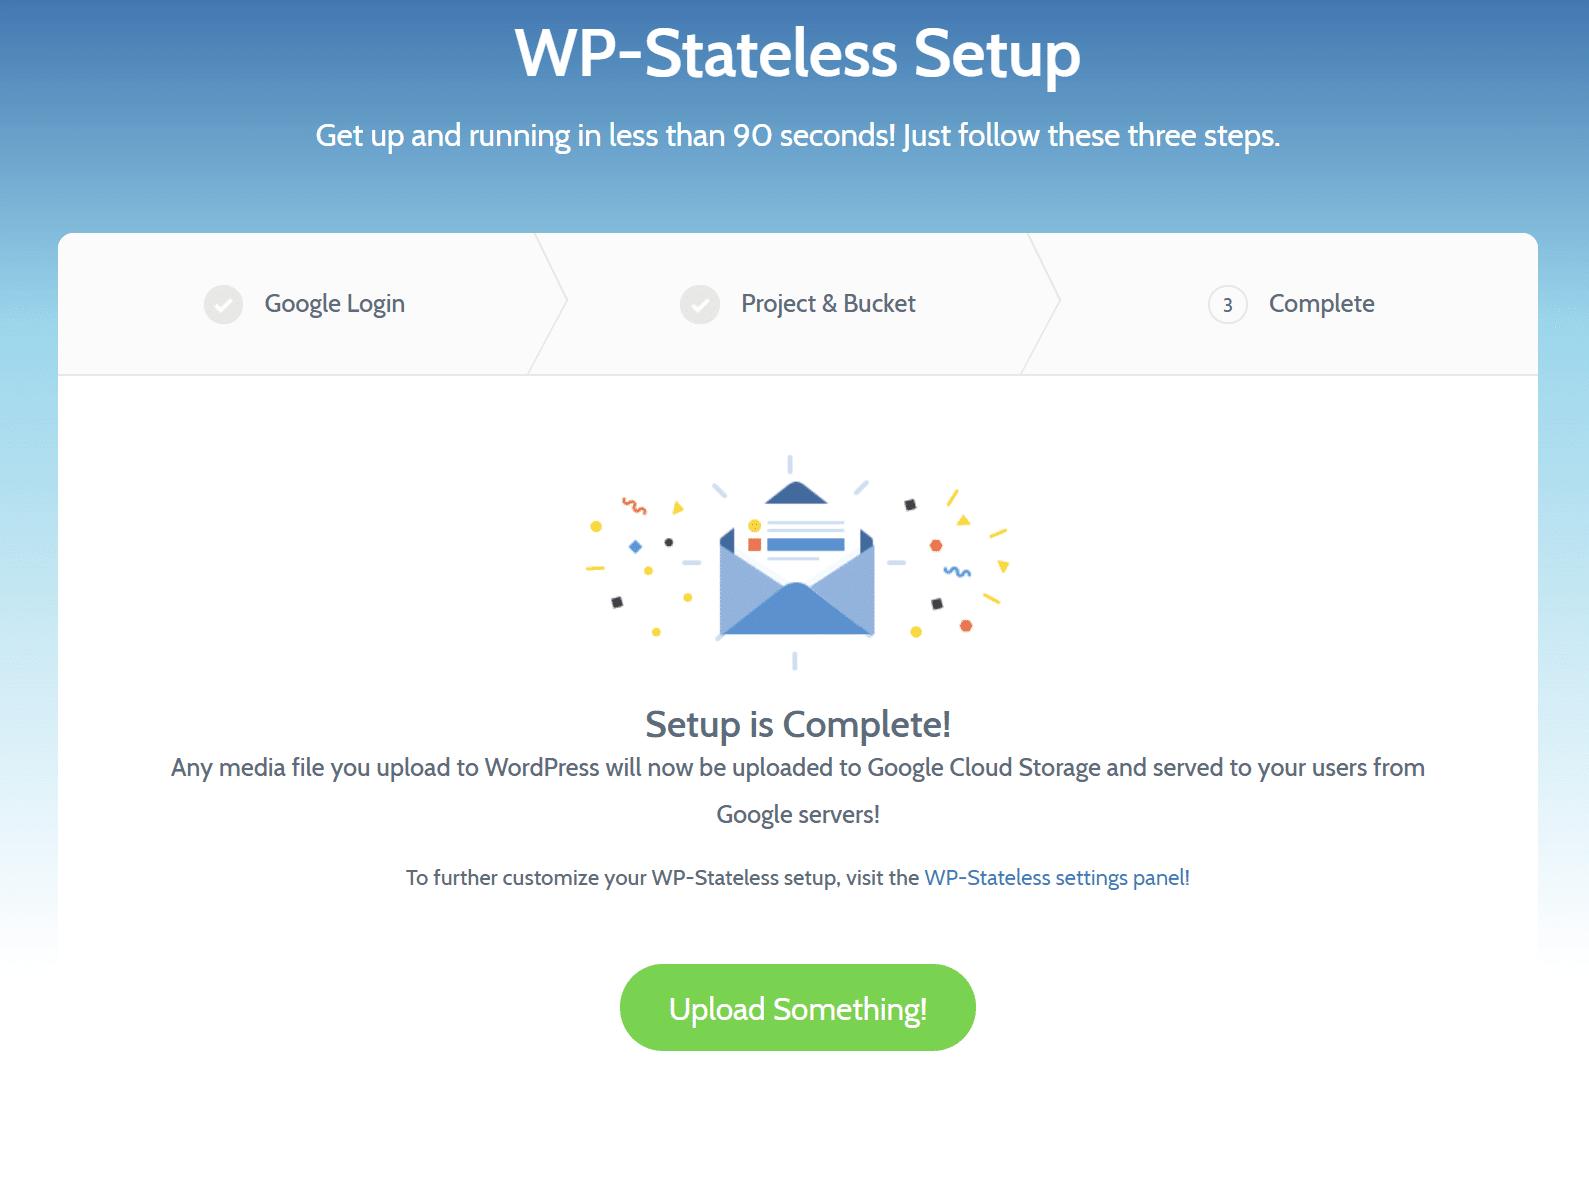 Configuración estática de WP